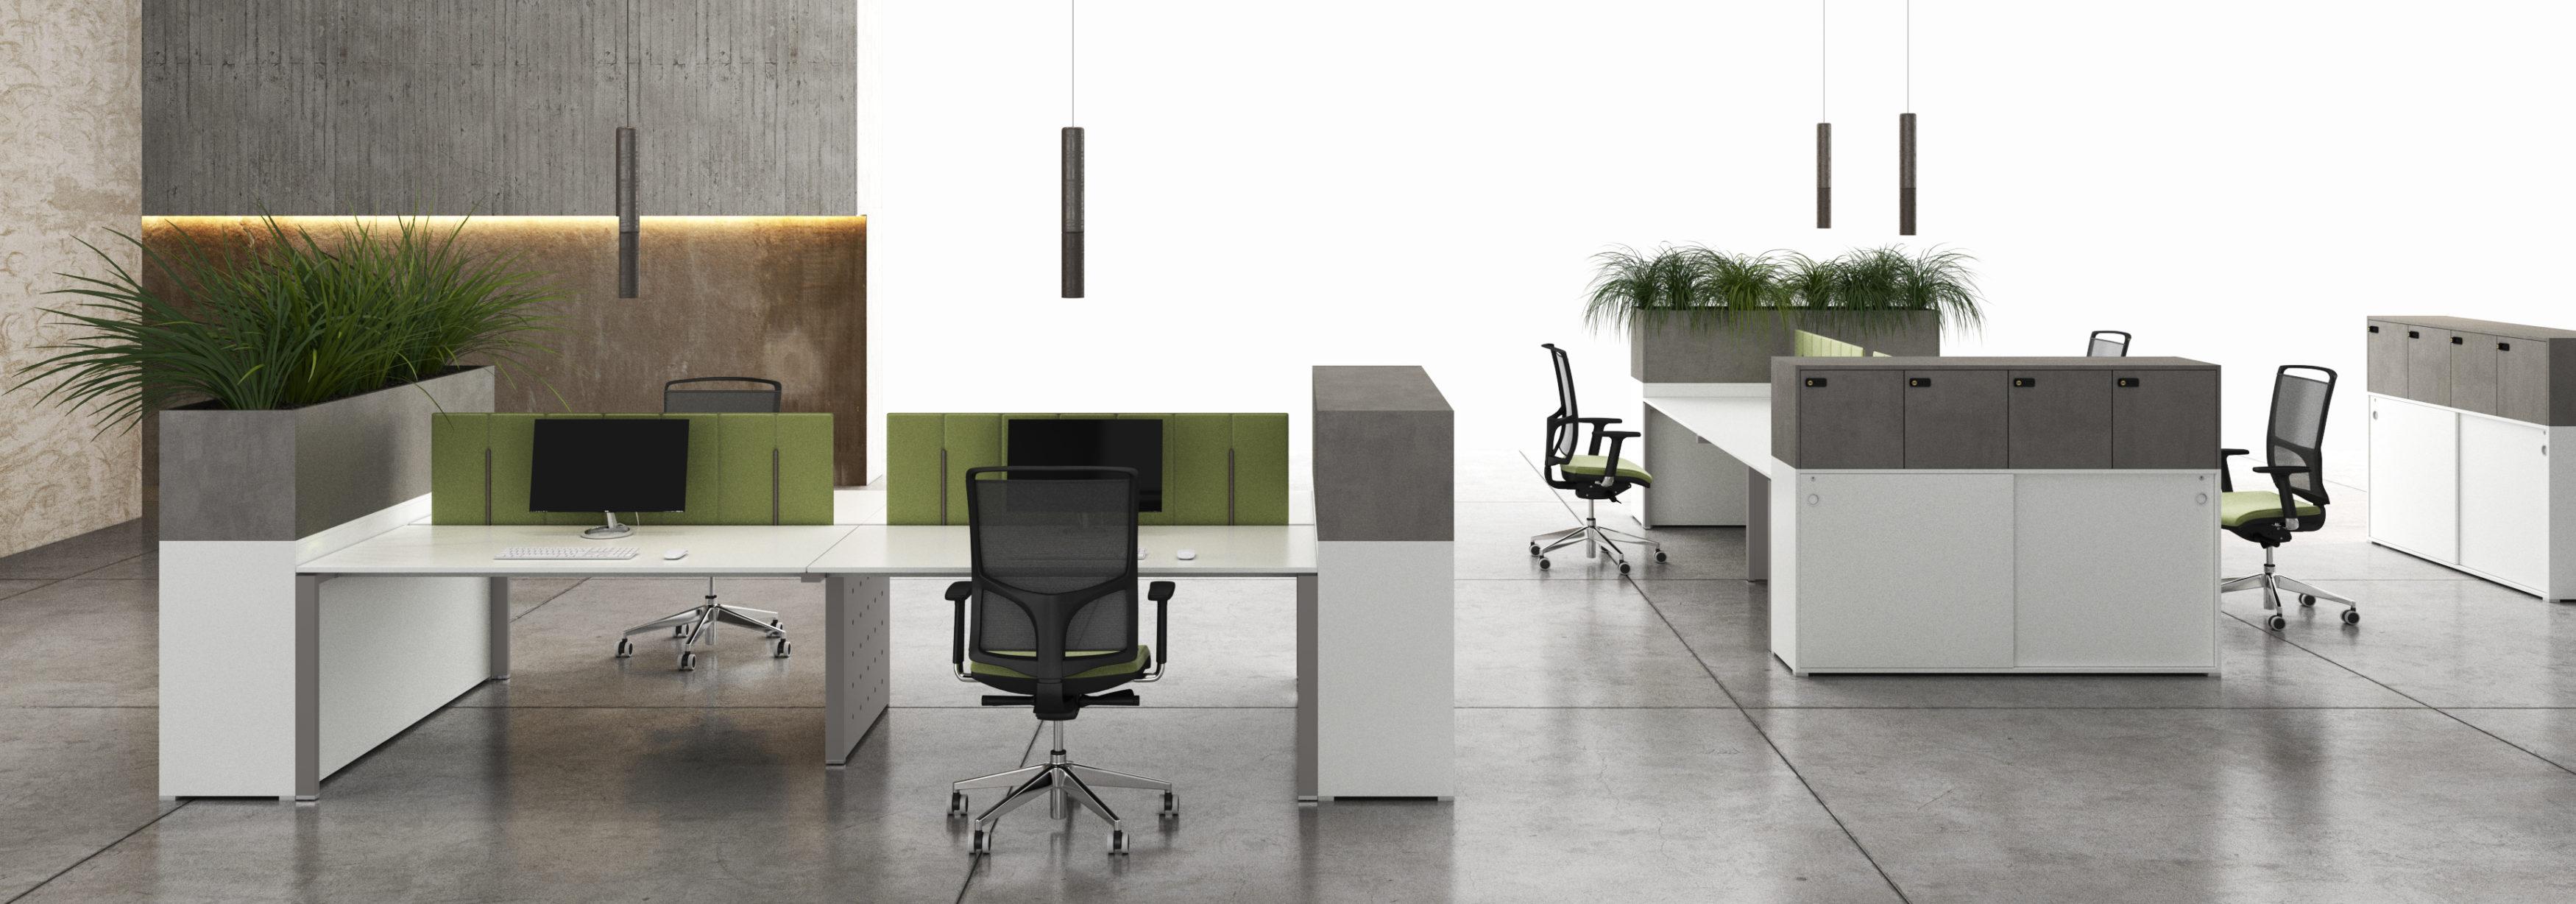 scrivania multipla con pannelli